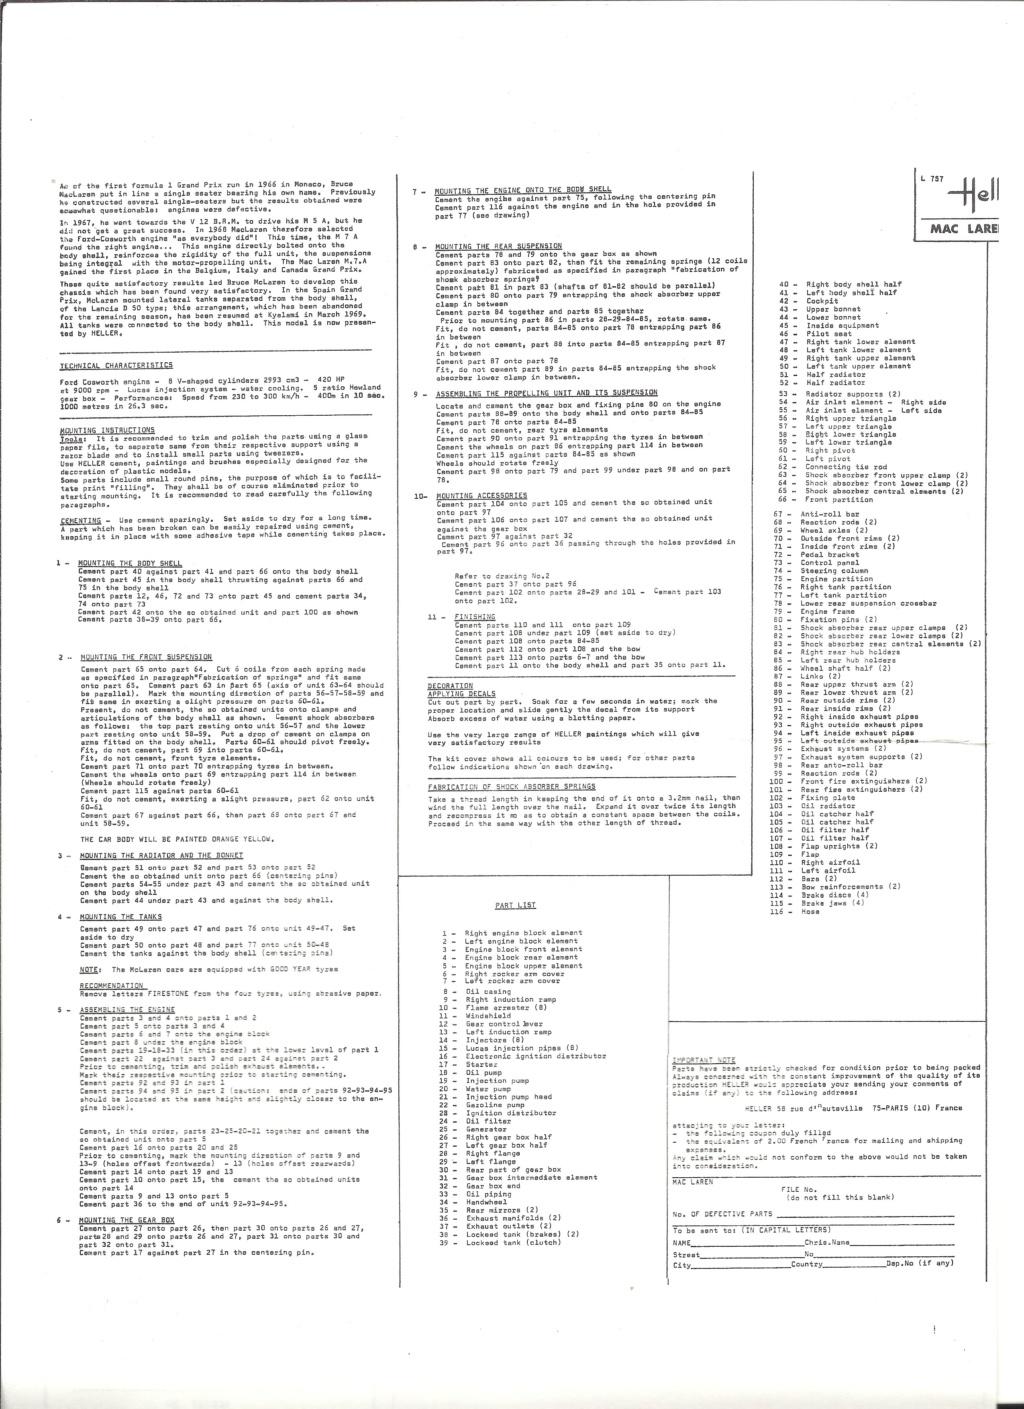 McLAREN M7A Formule I 1/24ème Réf L757 Notice Helle204